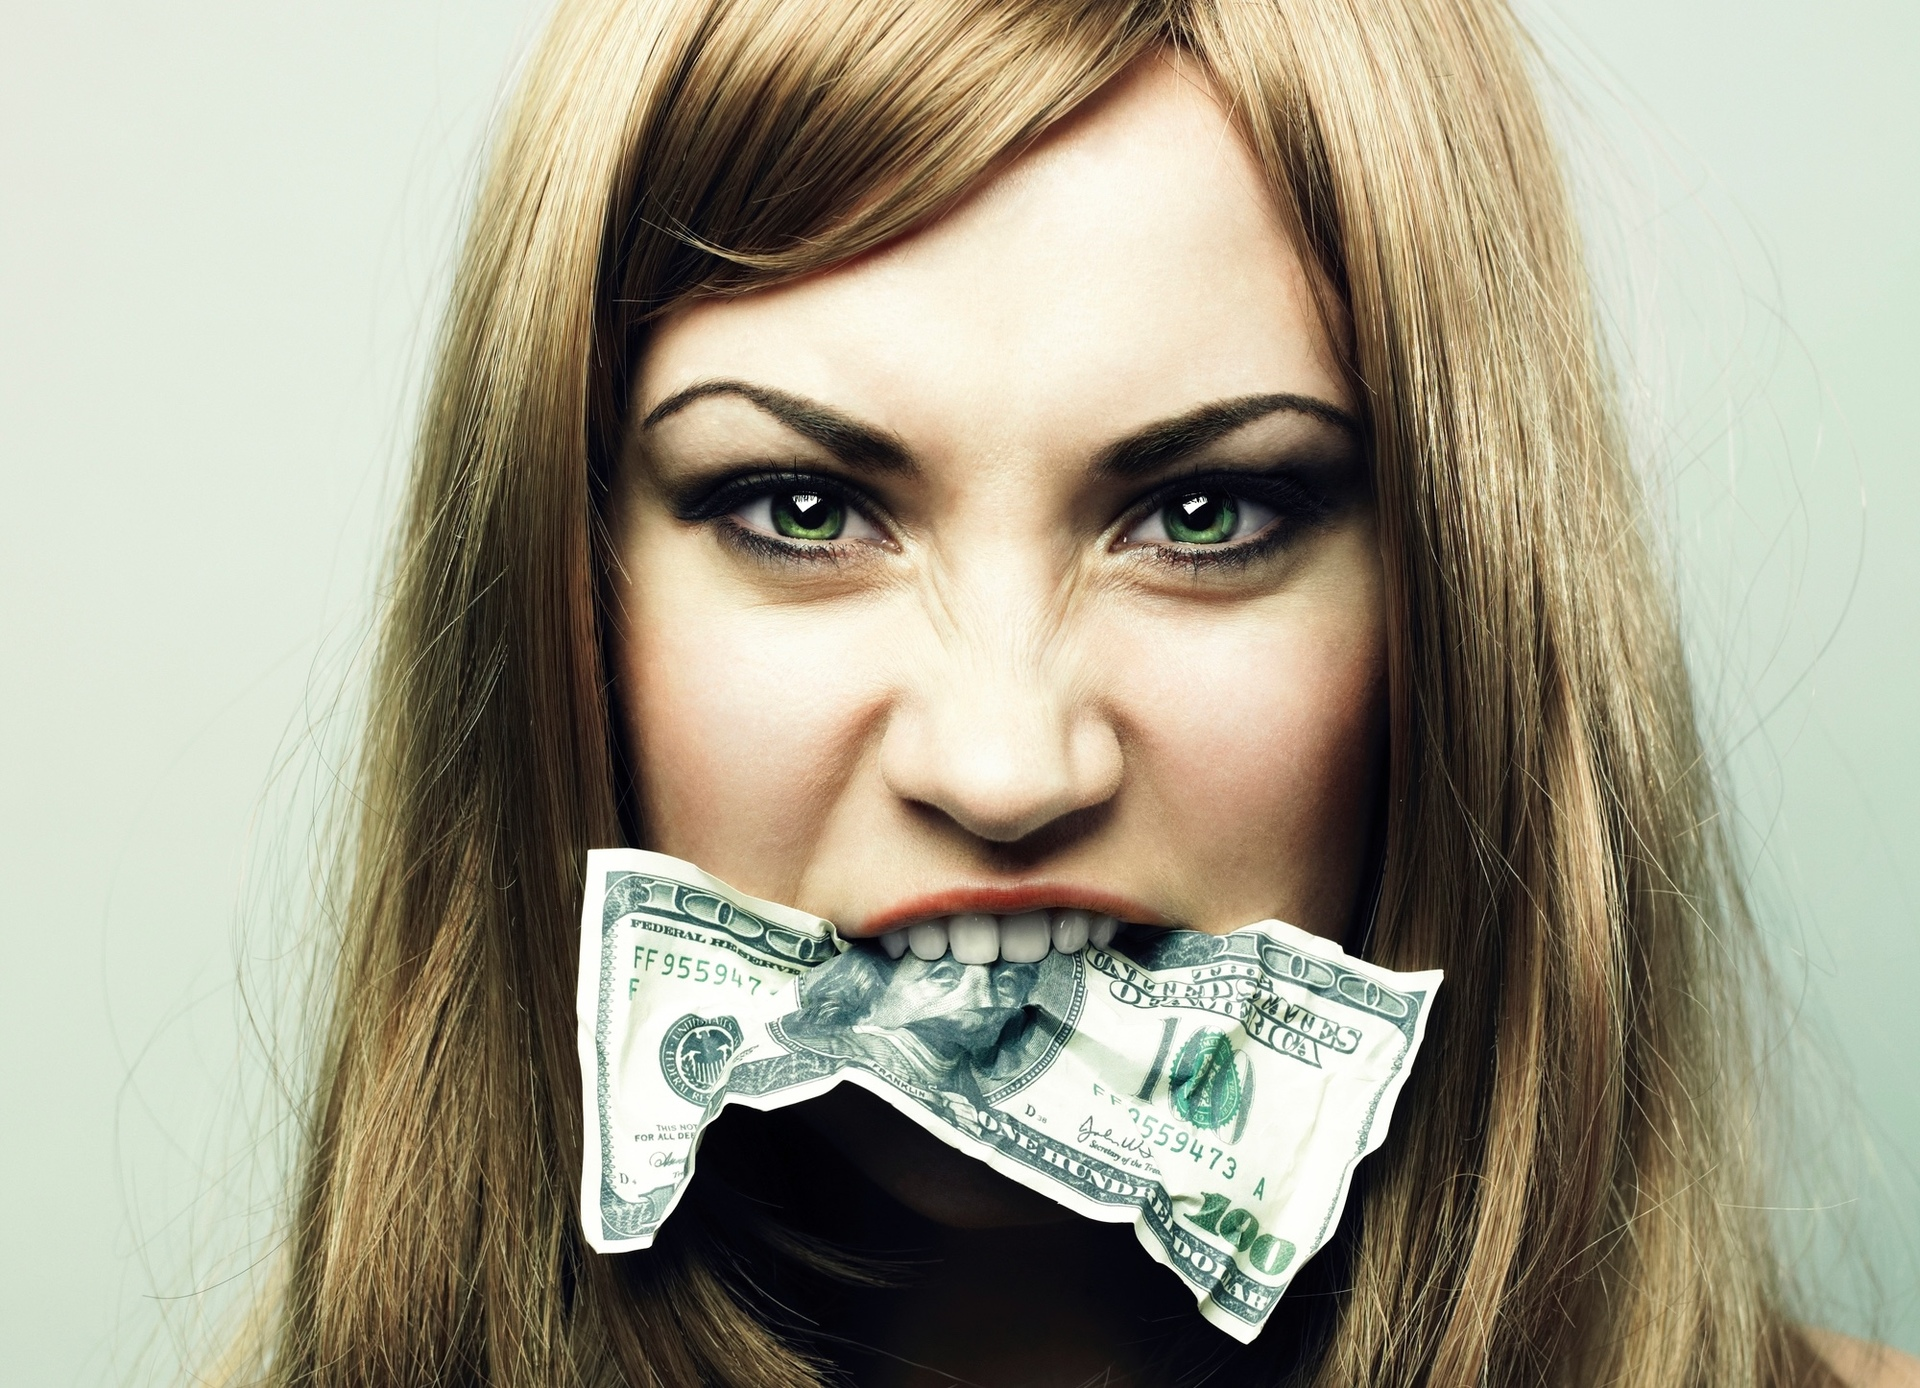 Услуги за деньги девушки 10 фотография